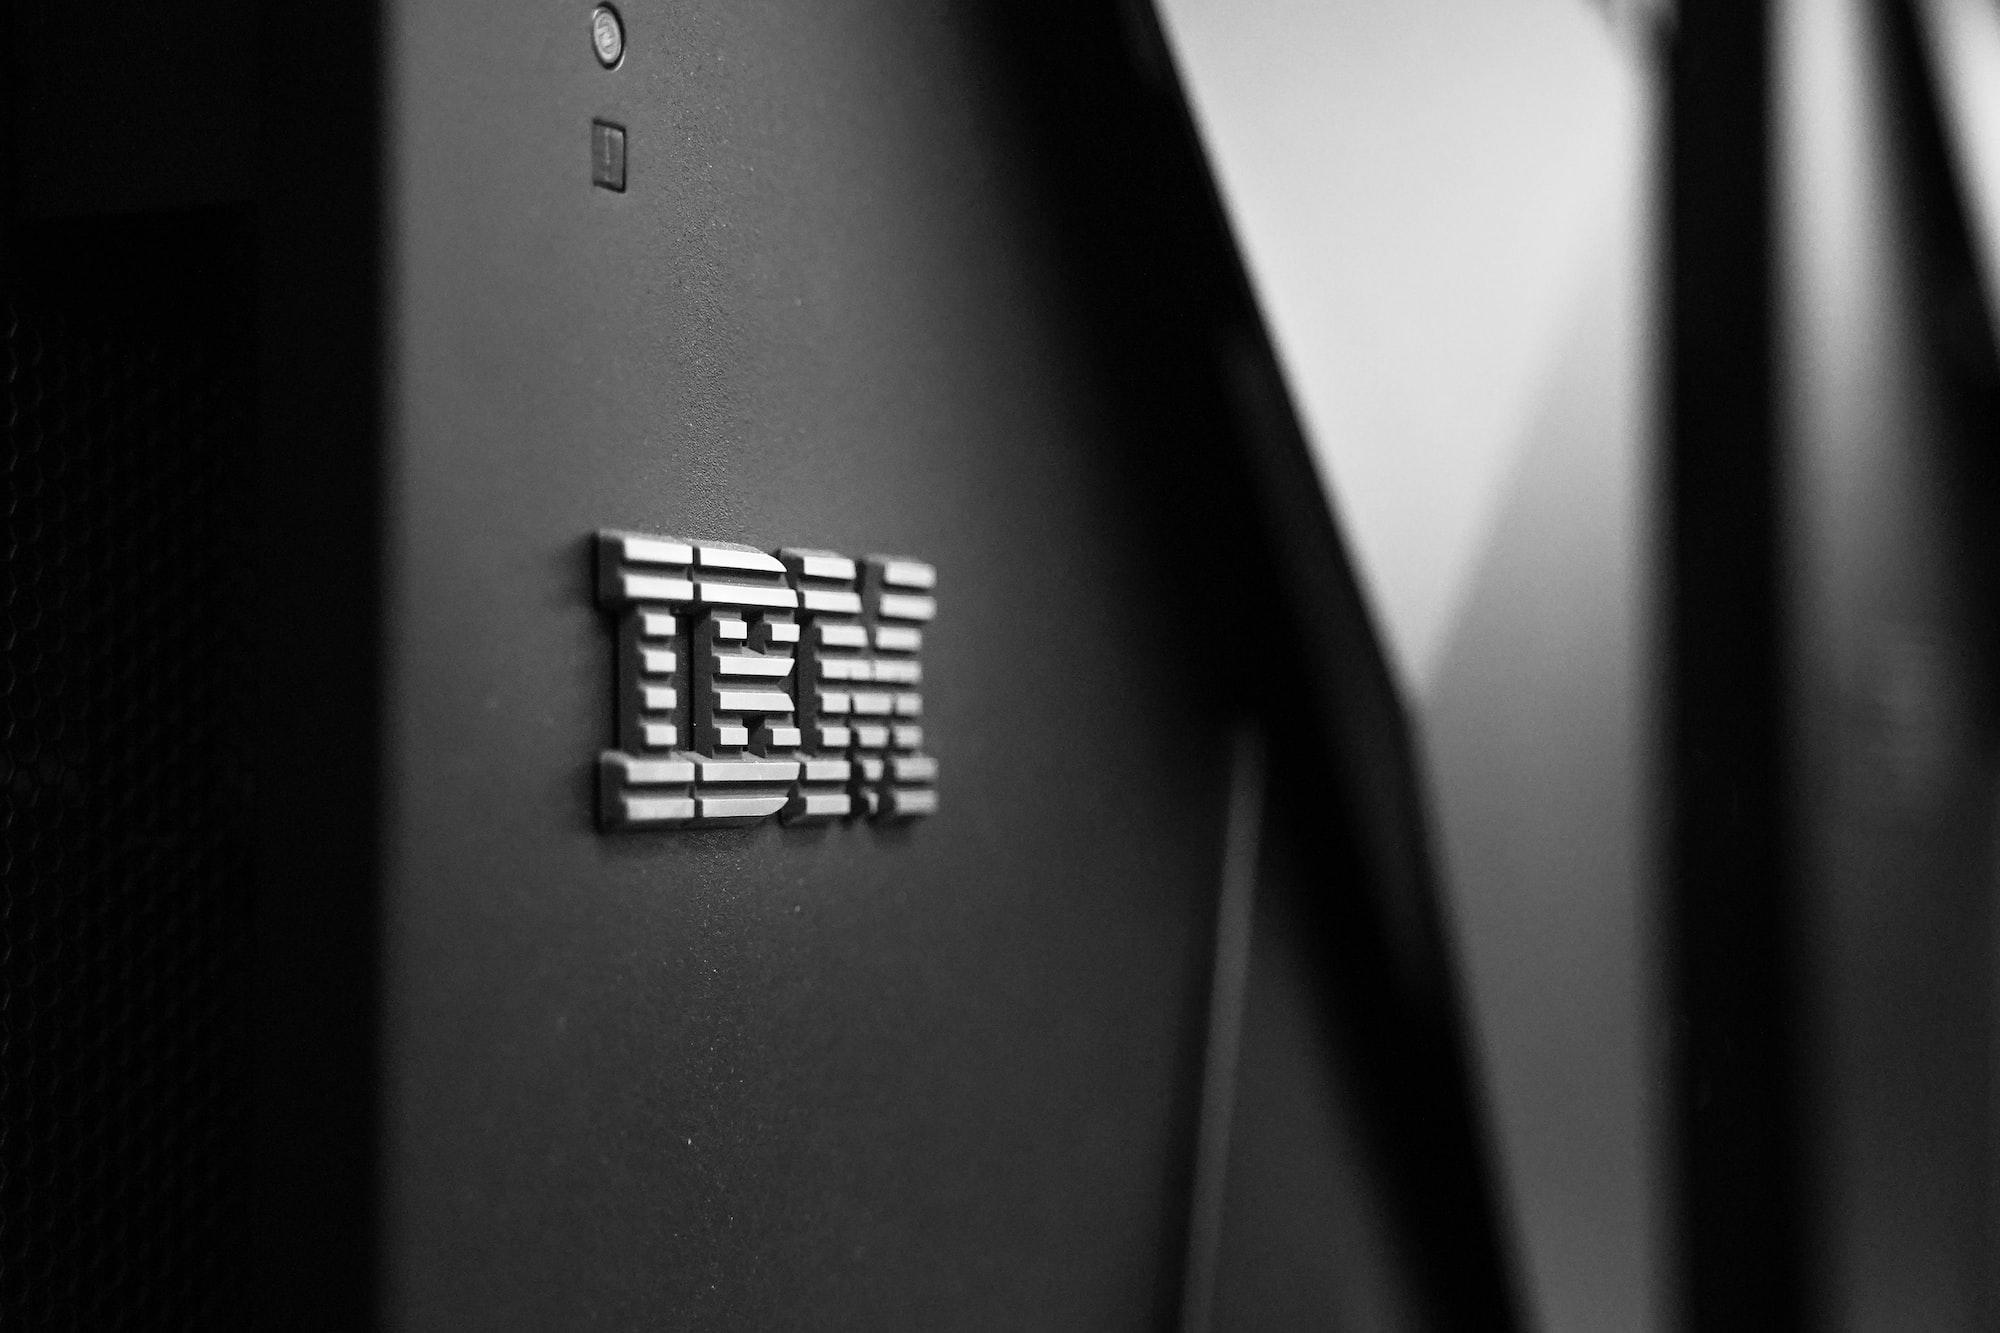 CEPEL desenvolve ferramenta para cálculo de preço horário no setor elétrico com apoio da IBM e Scala, empresa do Grupo Stefanini